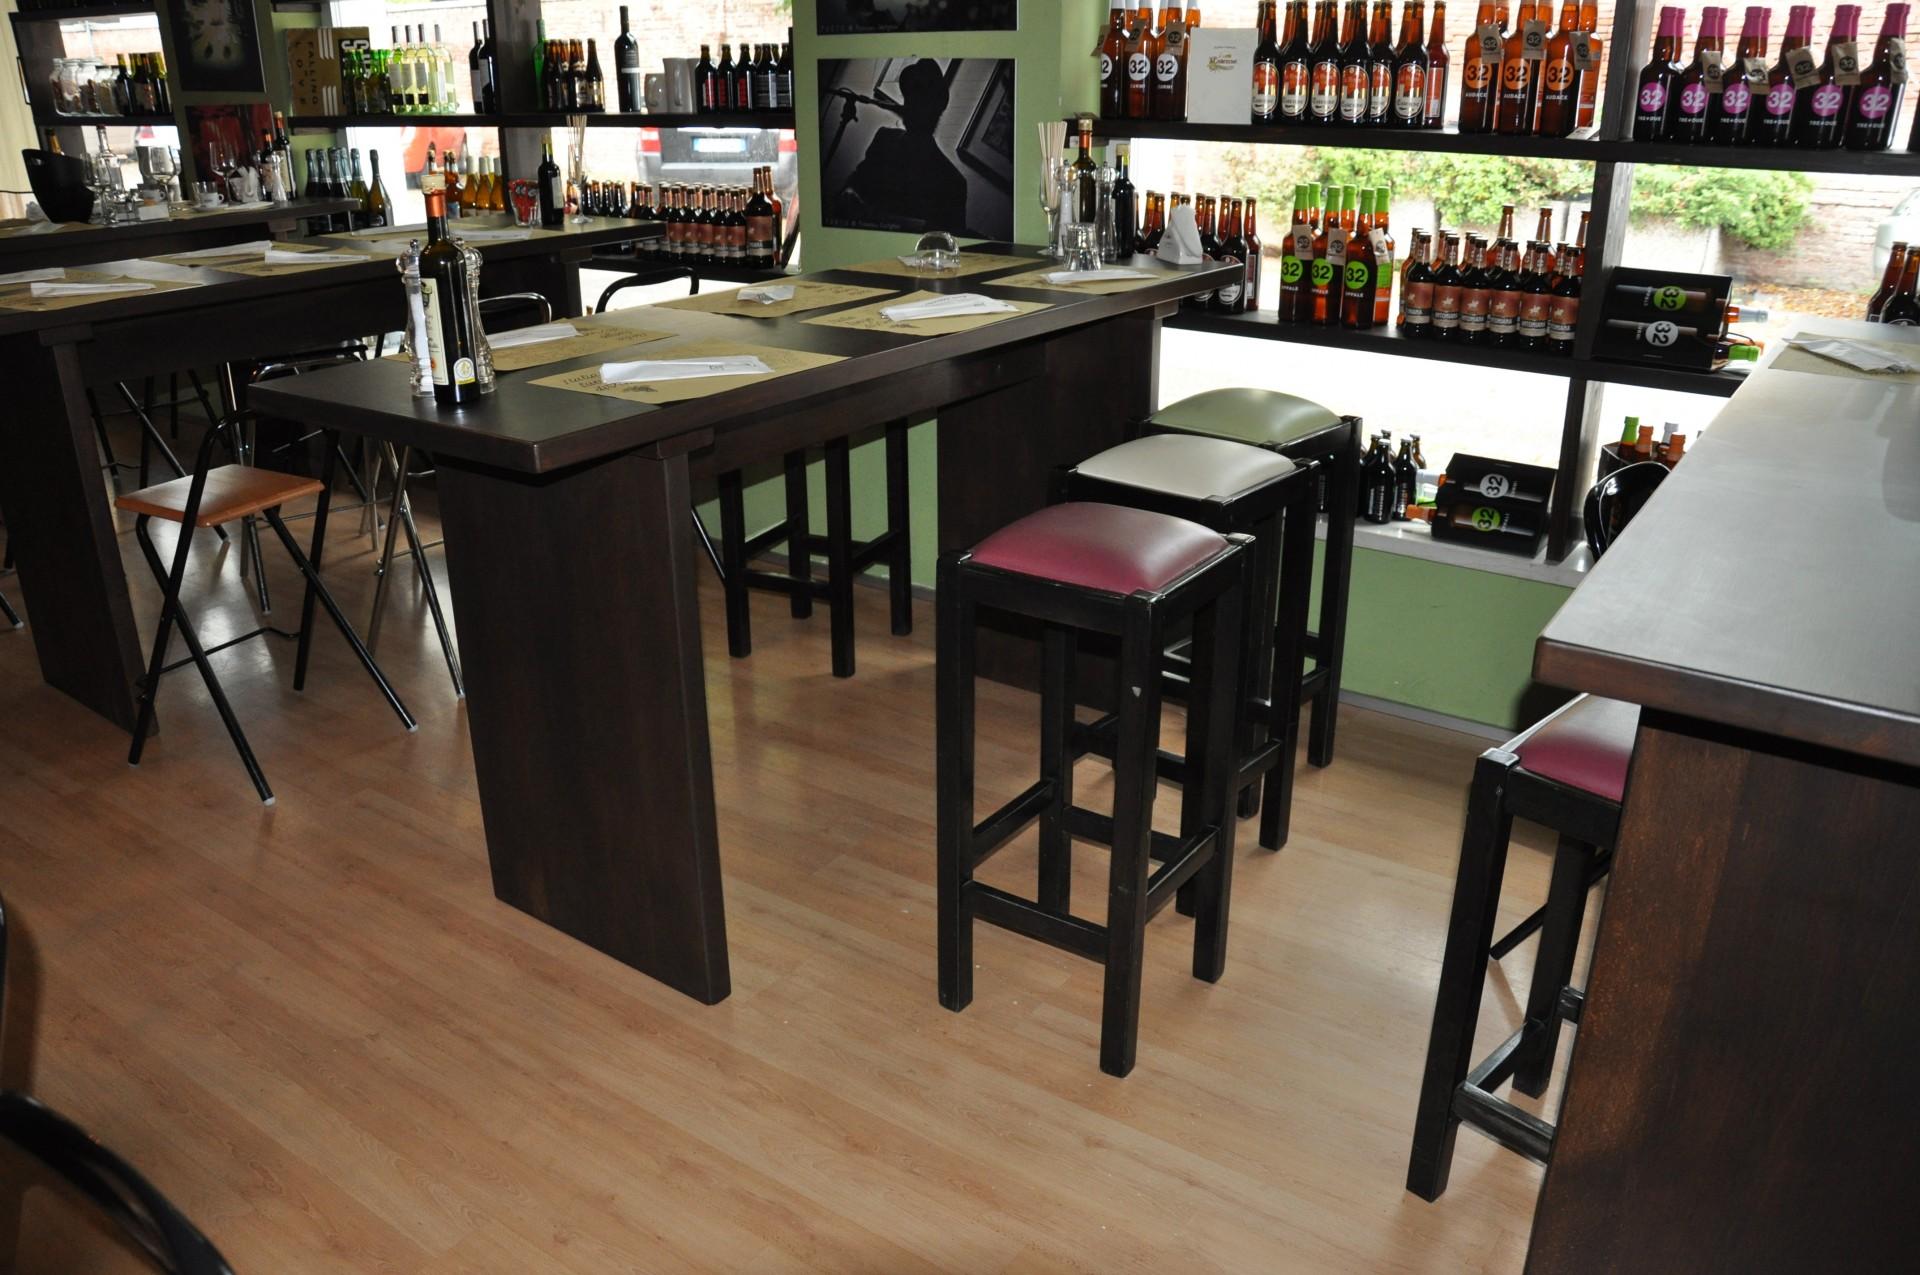 Tavoli in legno su misura fadini mobili cerea verona for Arredamento tavoli